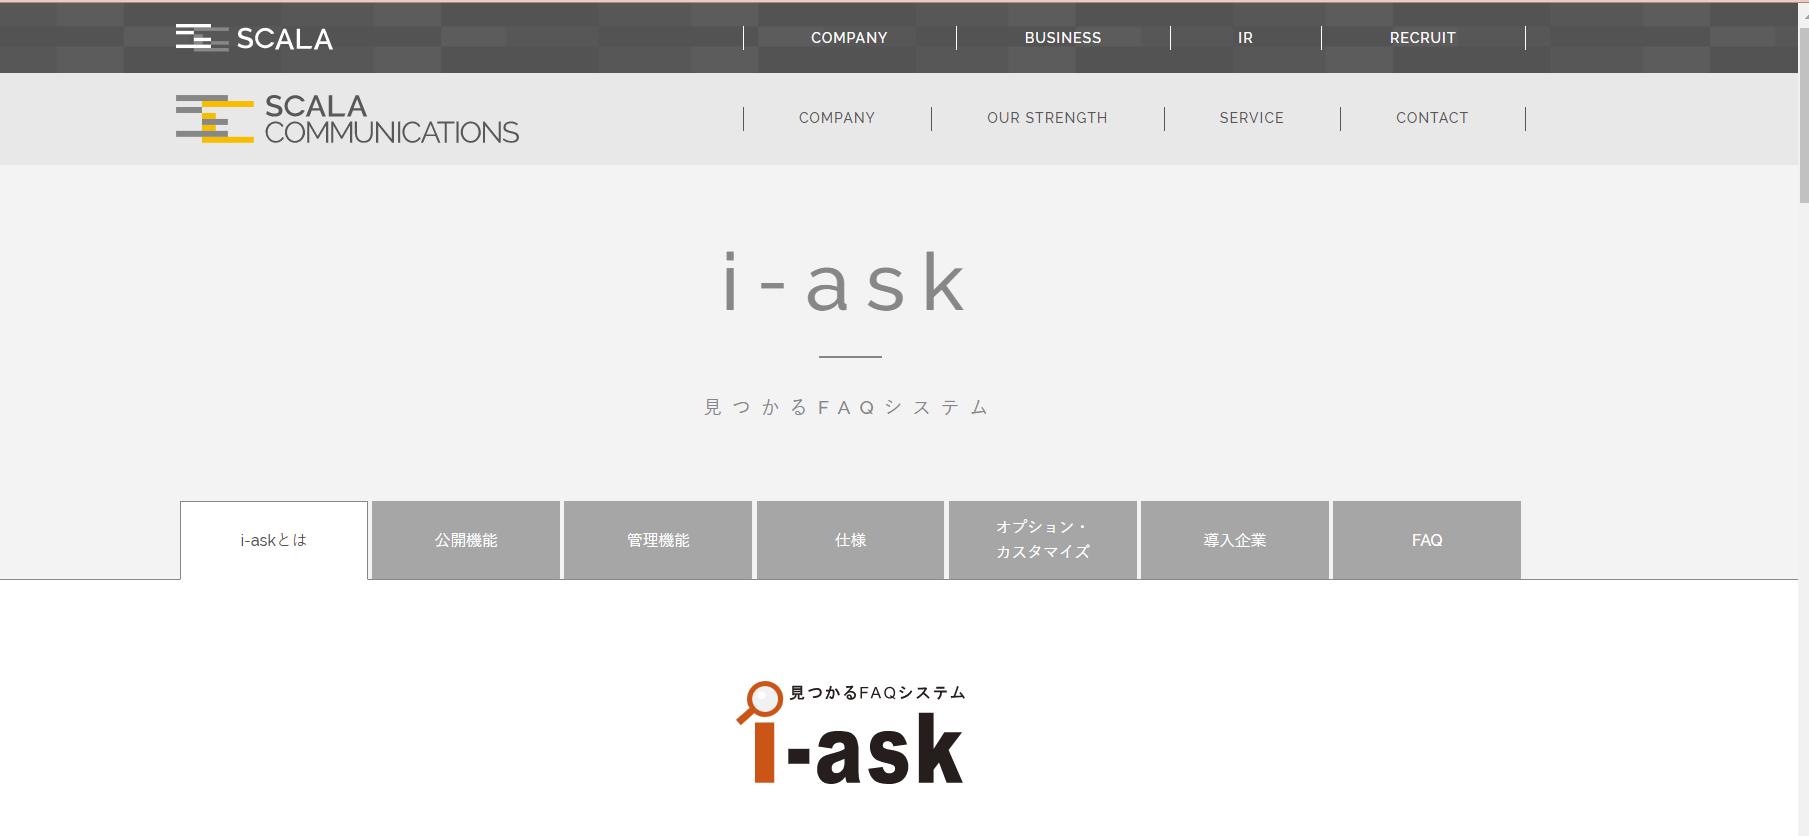 FAQツール6「i-ask」